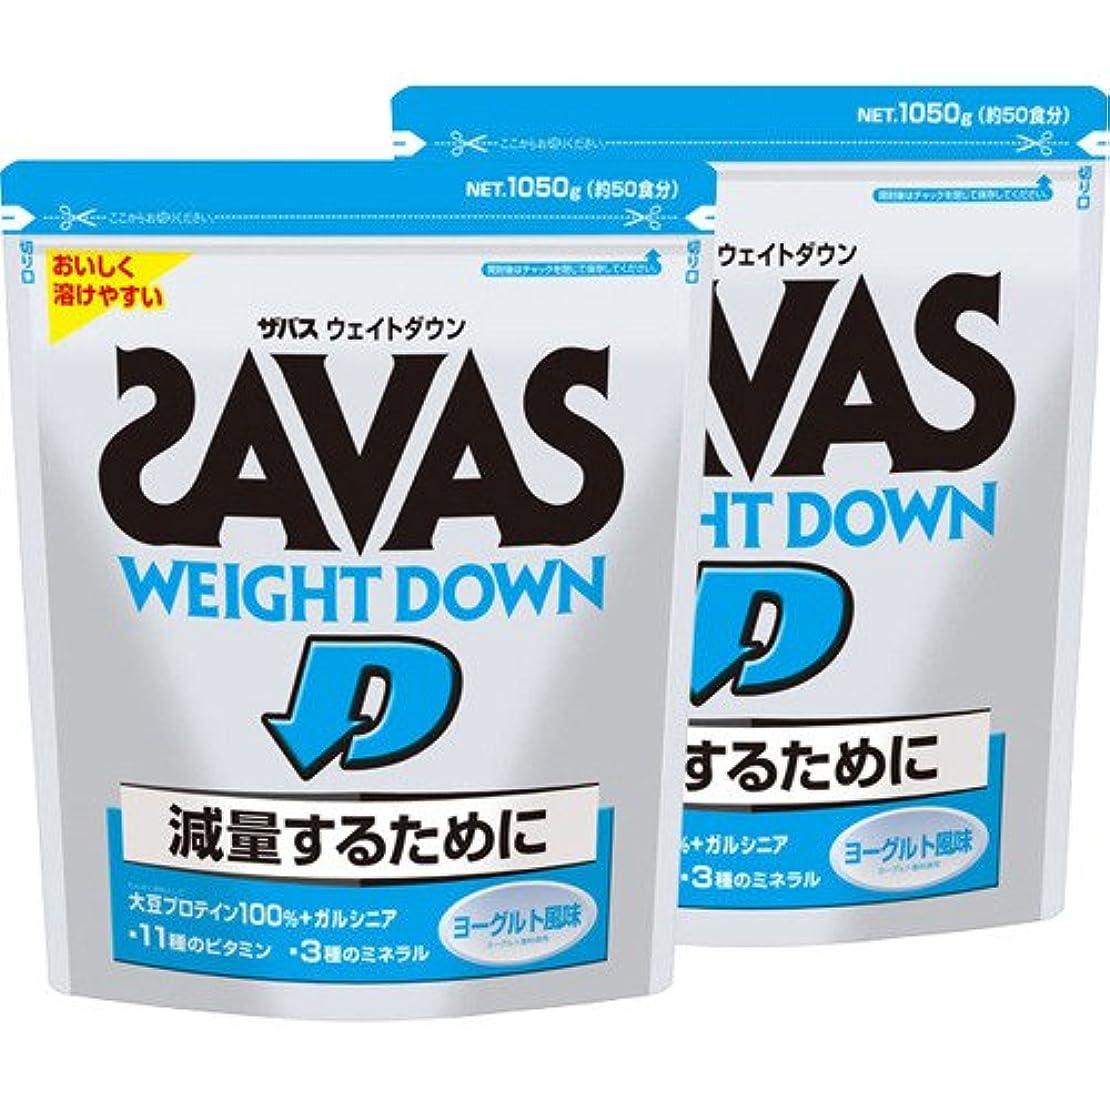 ピューを除く根拠【セット販売】ザバス ウェイトダウン ヨーグルト風味 1050g×2袋